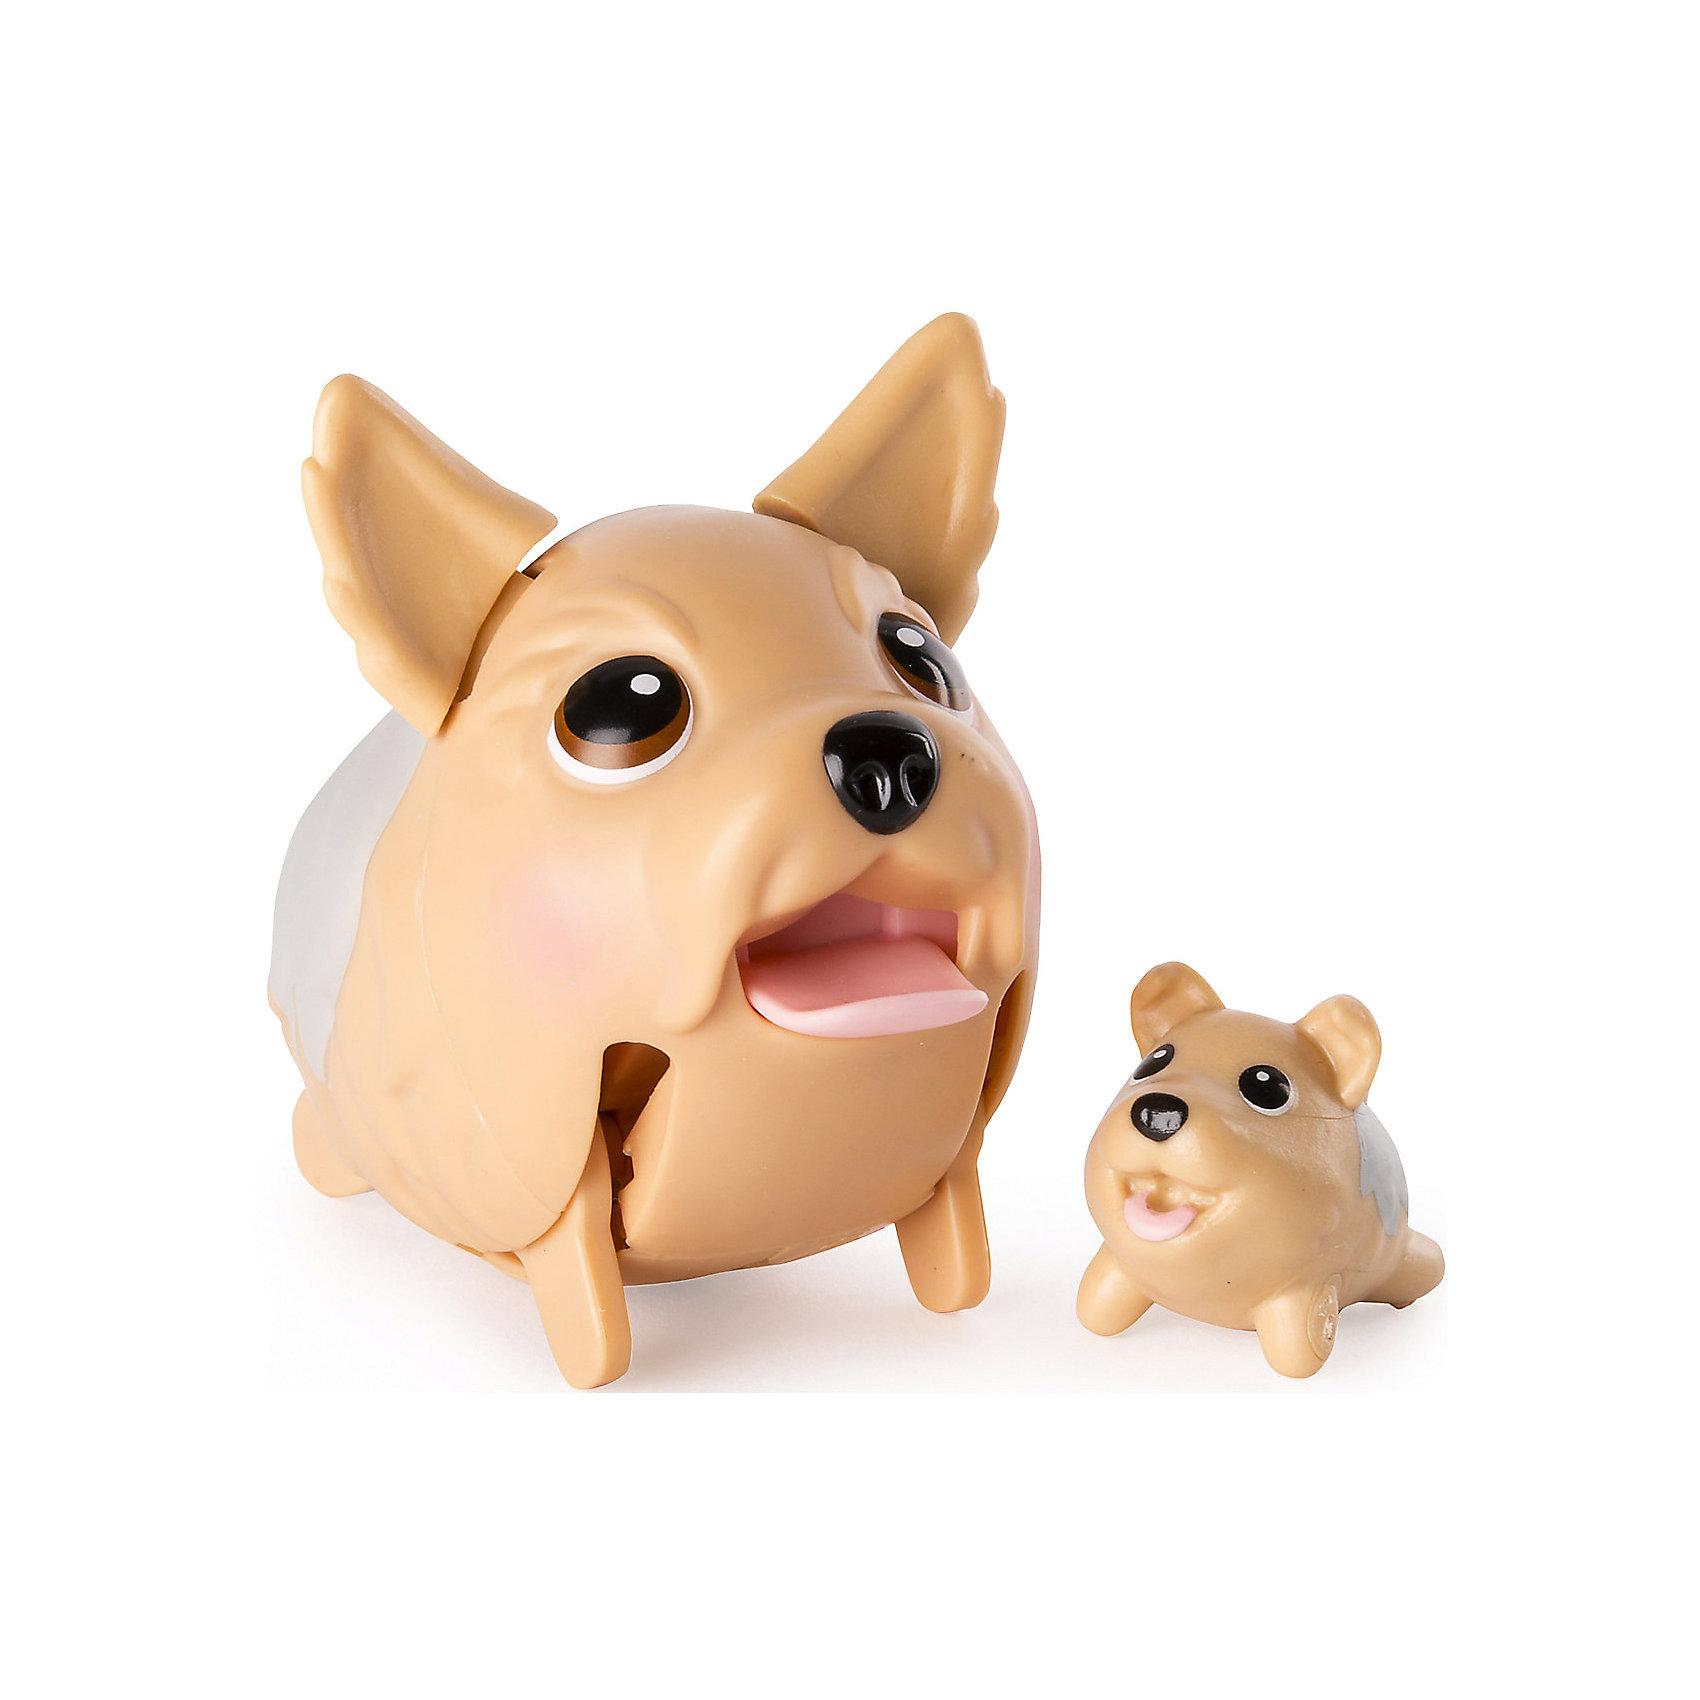 Коллекционная фигурка Йоркширский терьер, Chubby PuppiesЛюбимые герои<br>Характеристики товара:<br><br>- цвет: разноцветный;<br>- материал: пластик;<br>- размер упаковки: 15х8х11 см;<br>- вес: 200 г;<br>- комплектация: большая и маленькая фигурки. <br><br>Игрушки от бренда Chubby Puppies - это симпатичные собачки, которые умеют забавно двигаться. Эта игрушка очень качественно выполнена, поэтому она станет отличным подарком ребенку. Такое изделие отлично тренирует у ребенка разные навыки: играя с ней, малыш развивает мелкую моторику, цветовосприятие, внимание, воображение и творческое мышление.<br>Данная модель дополнена маленькой копией животного! Из этих фигурок можно собрать целую коллекцию! Изделие произведено из высококачественного материала, безопасного для детей.<br><br>Коллекционную фигурку Йоркширский терьер от бренда Chubby Puppies можно купить в нашем интернет-магазине.<br><br>Ширина мм: 80<br>Глубина мм: 110<br>Высота мм: 150<br>Вес г: 195<br>Возраст от месяцев: 36<br>Возраст до месяцев: 2147483647<br>Пол: Унисекс<br>Возраст: Детский<br>SKU: 5097944